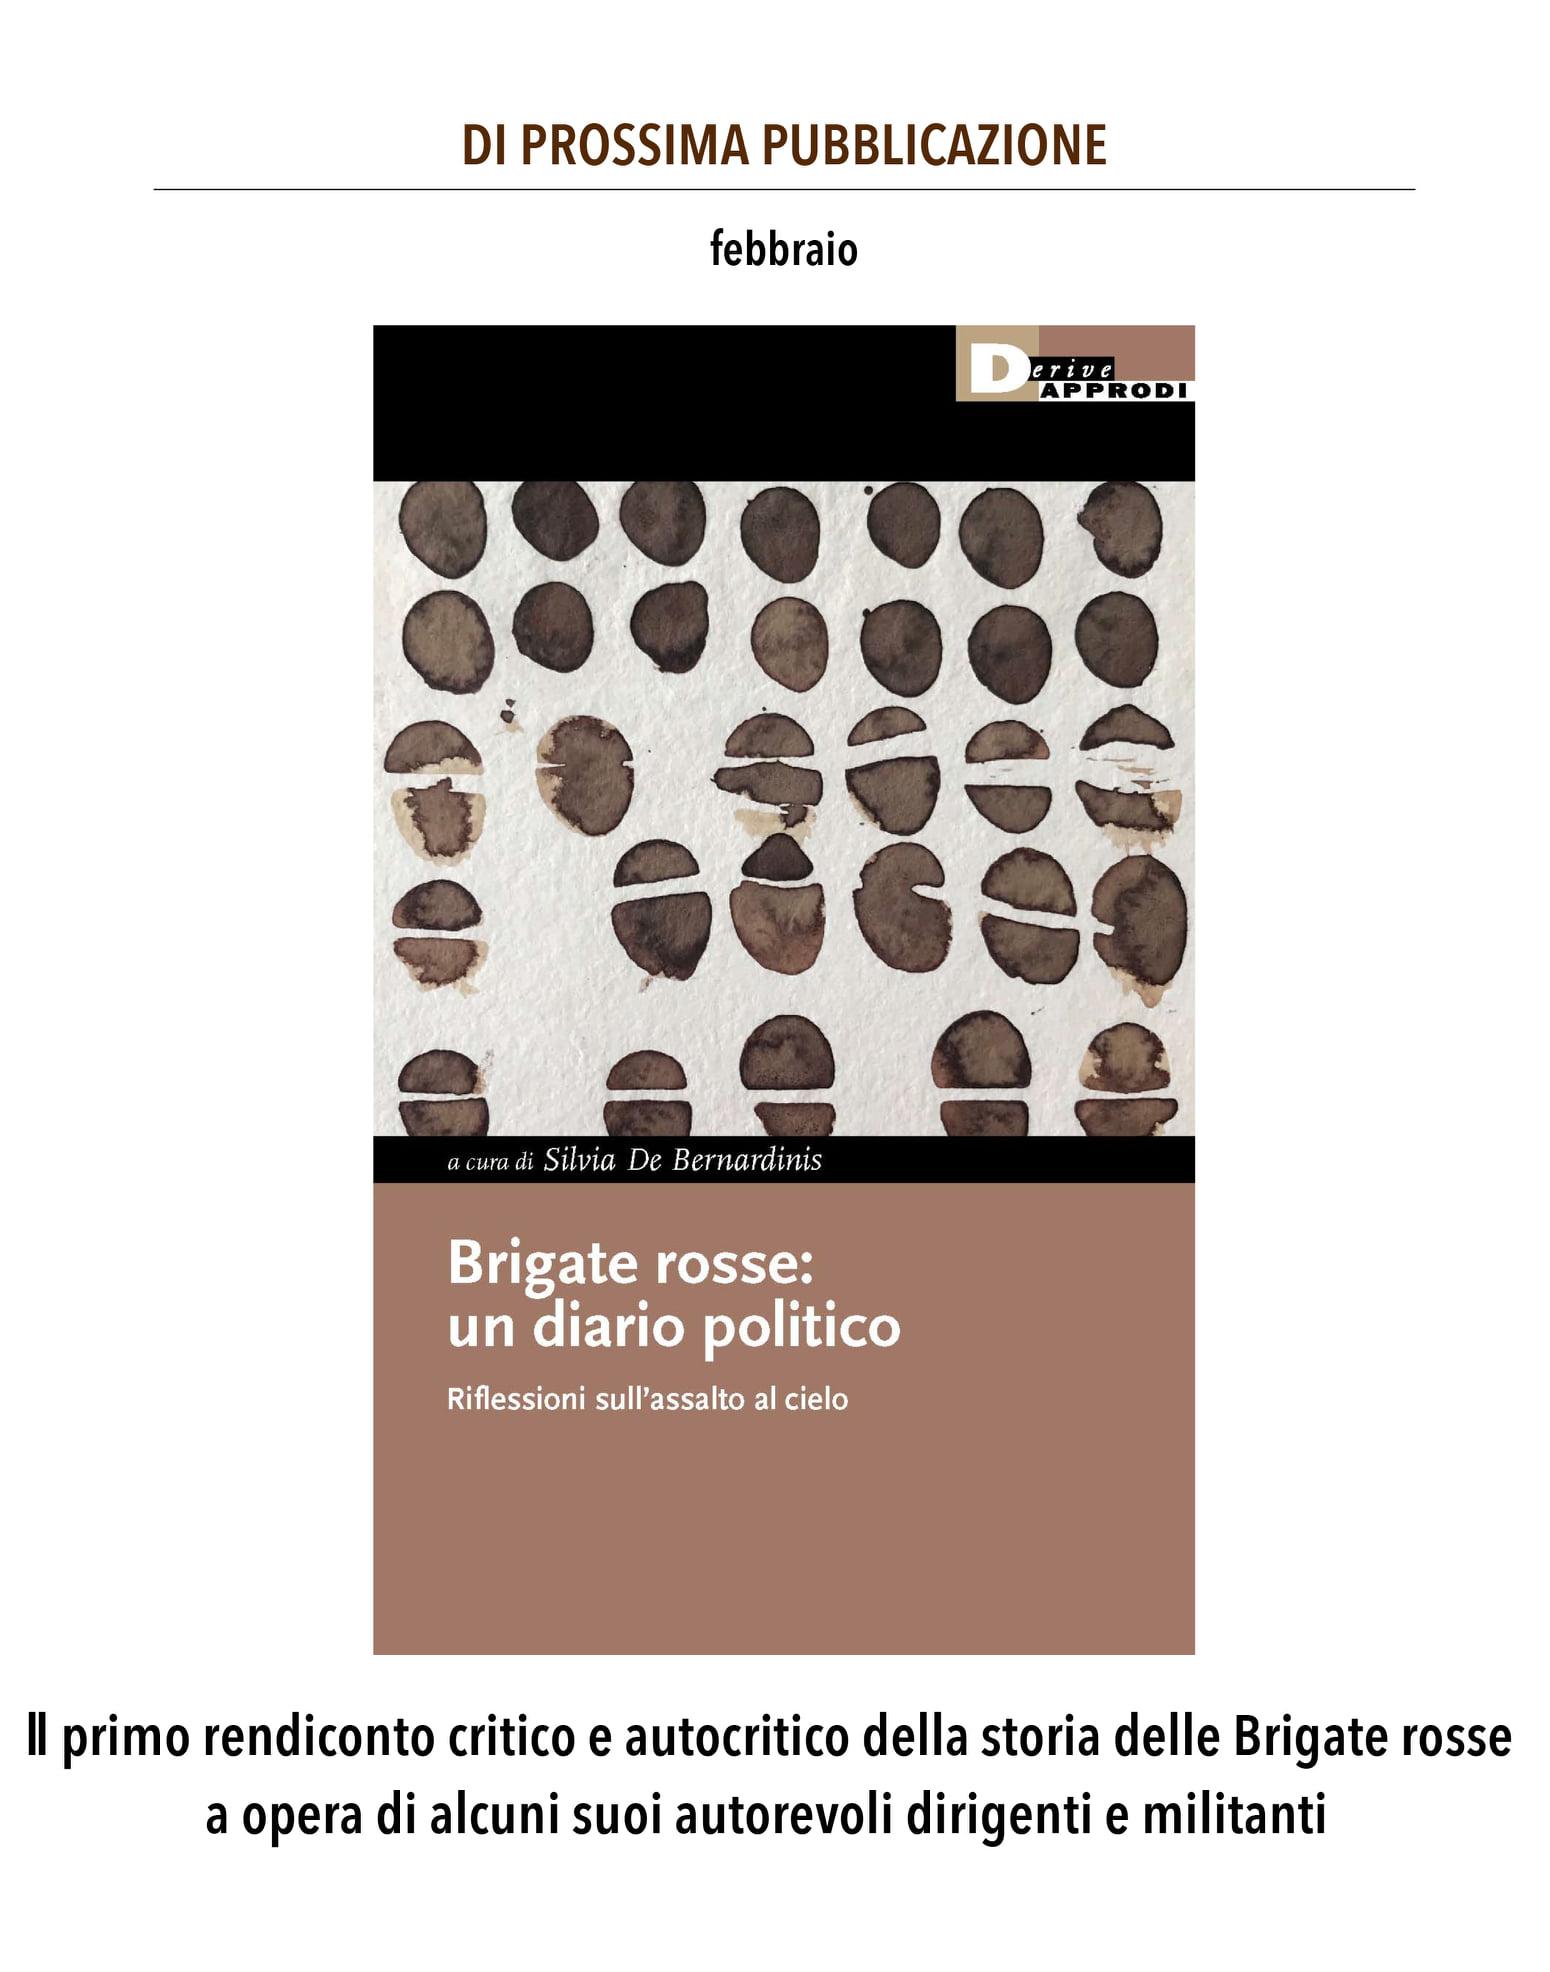 Brigate rosse: un diario politico. Riflessioni sull'assalto al cielo